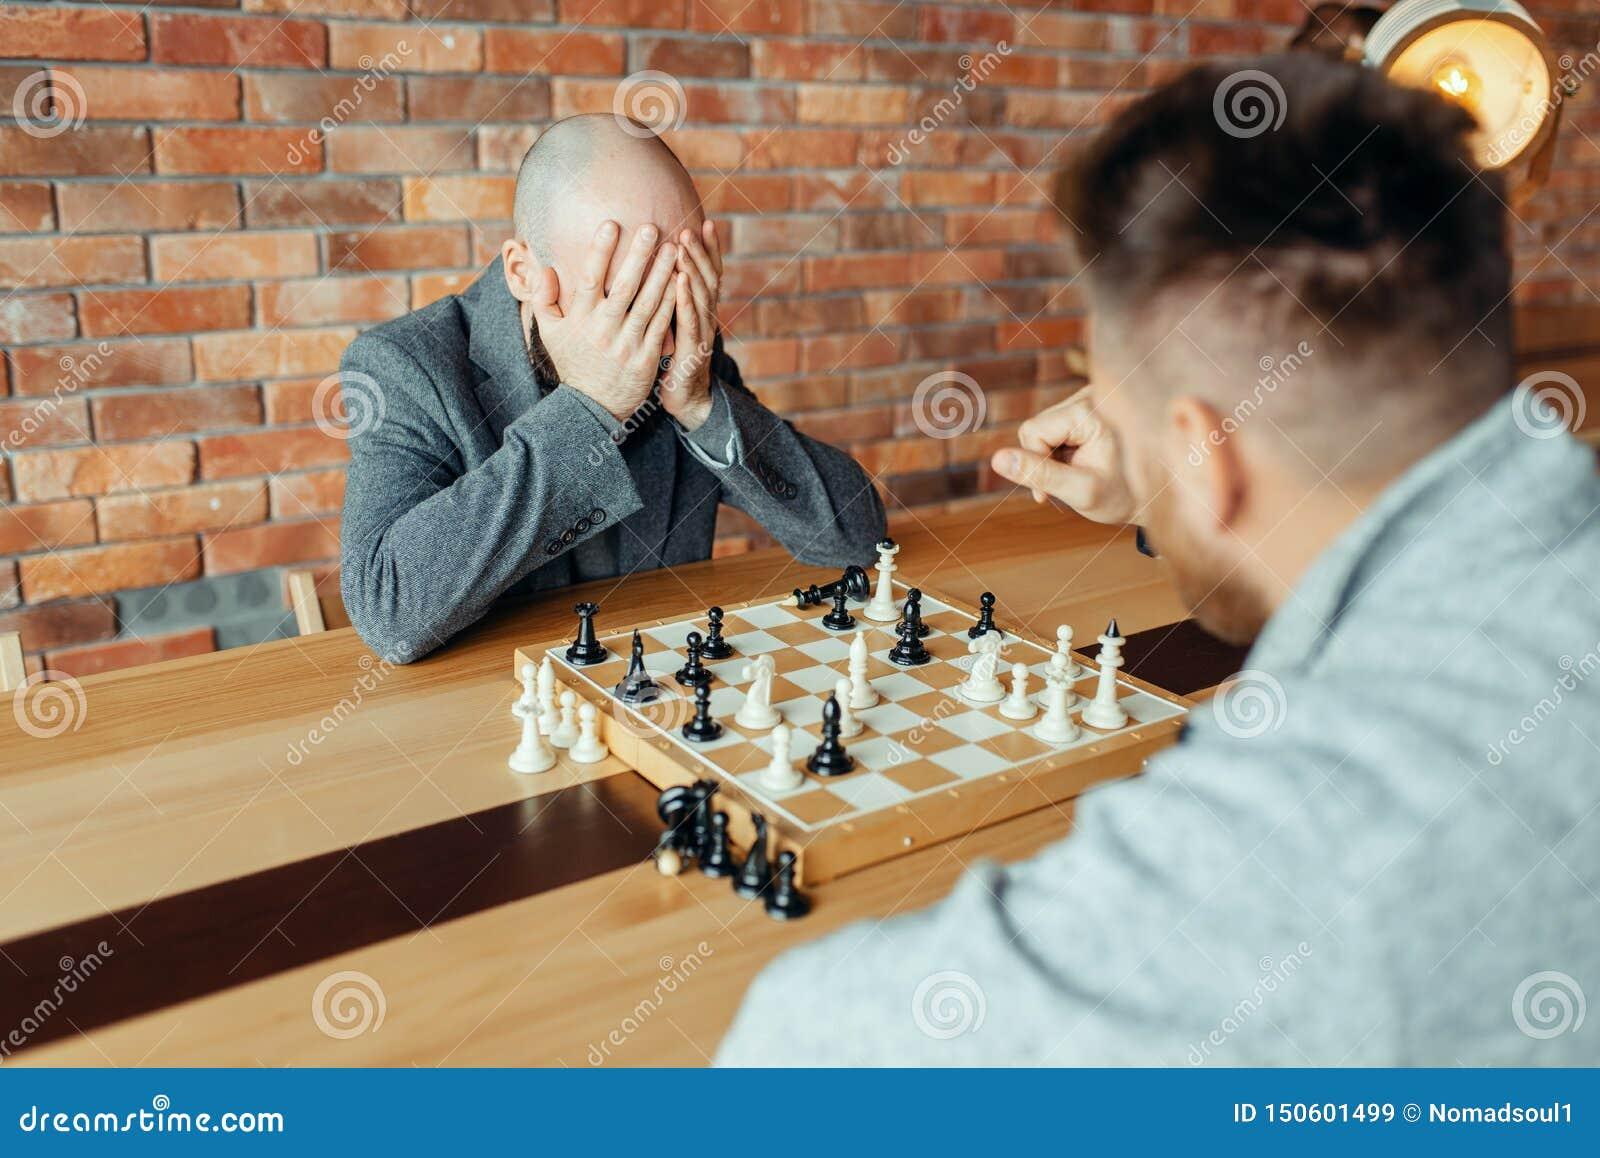 Joueurs d échecs masculins jouant, victoires blanches, compagnon